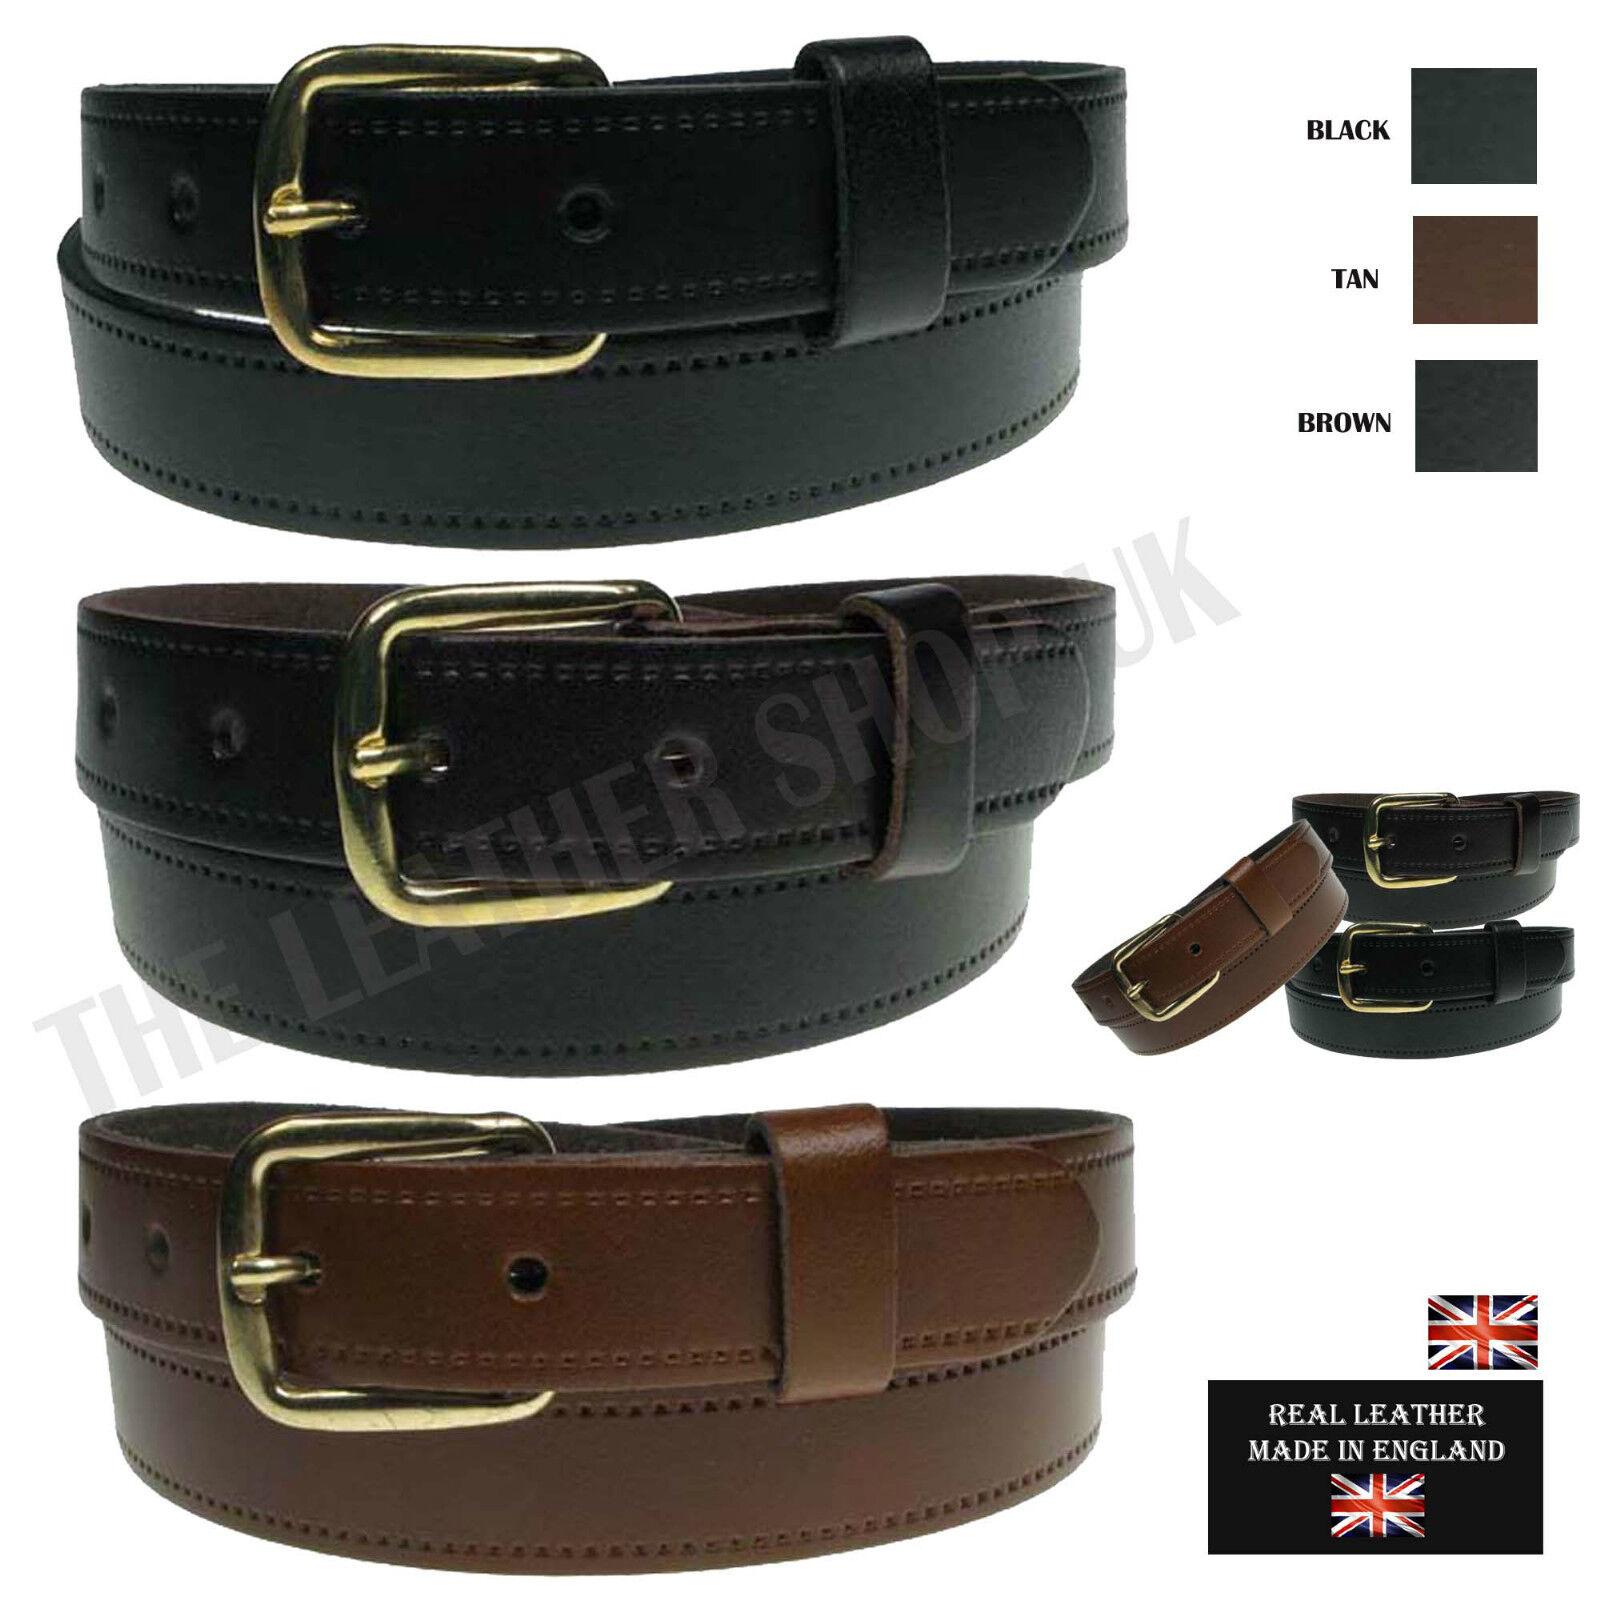 25MM Cinturón de Hombre de Cuero Real Hecho en Inglaterra Informales Jeans Pantalones Desgaste